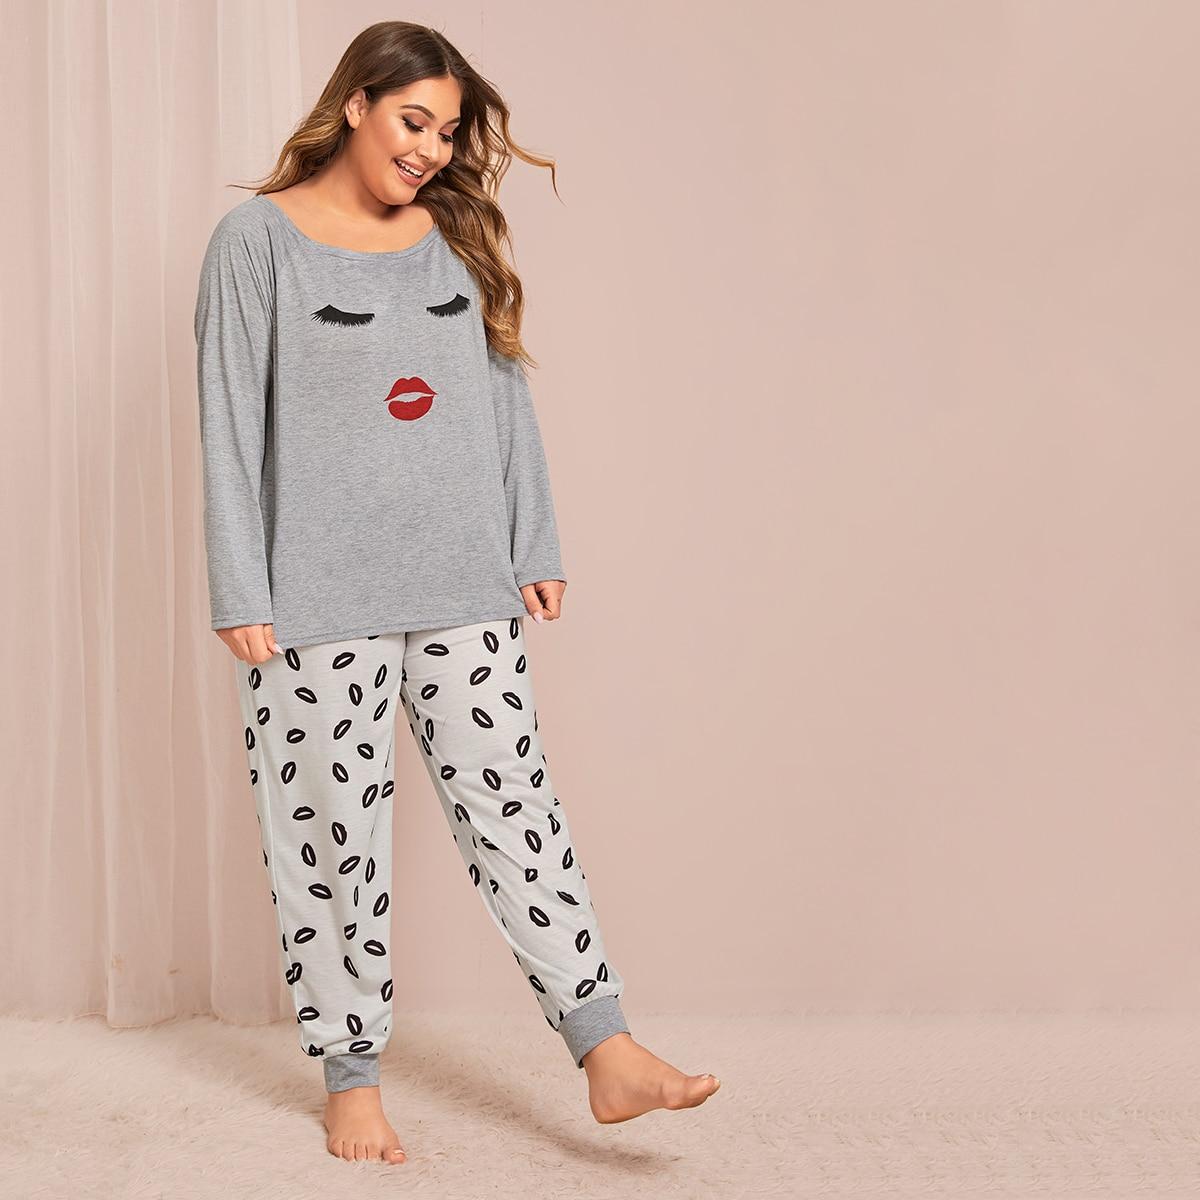 Пижама размера плюс с оригинальным принтом от SHEIN